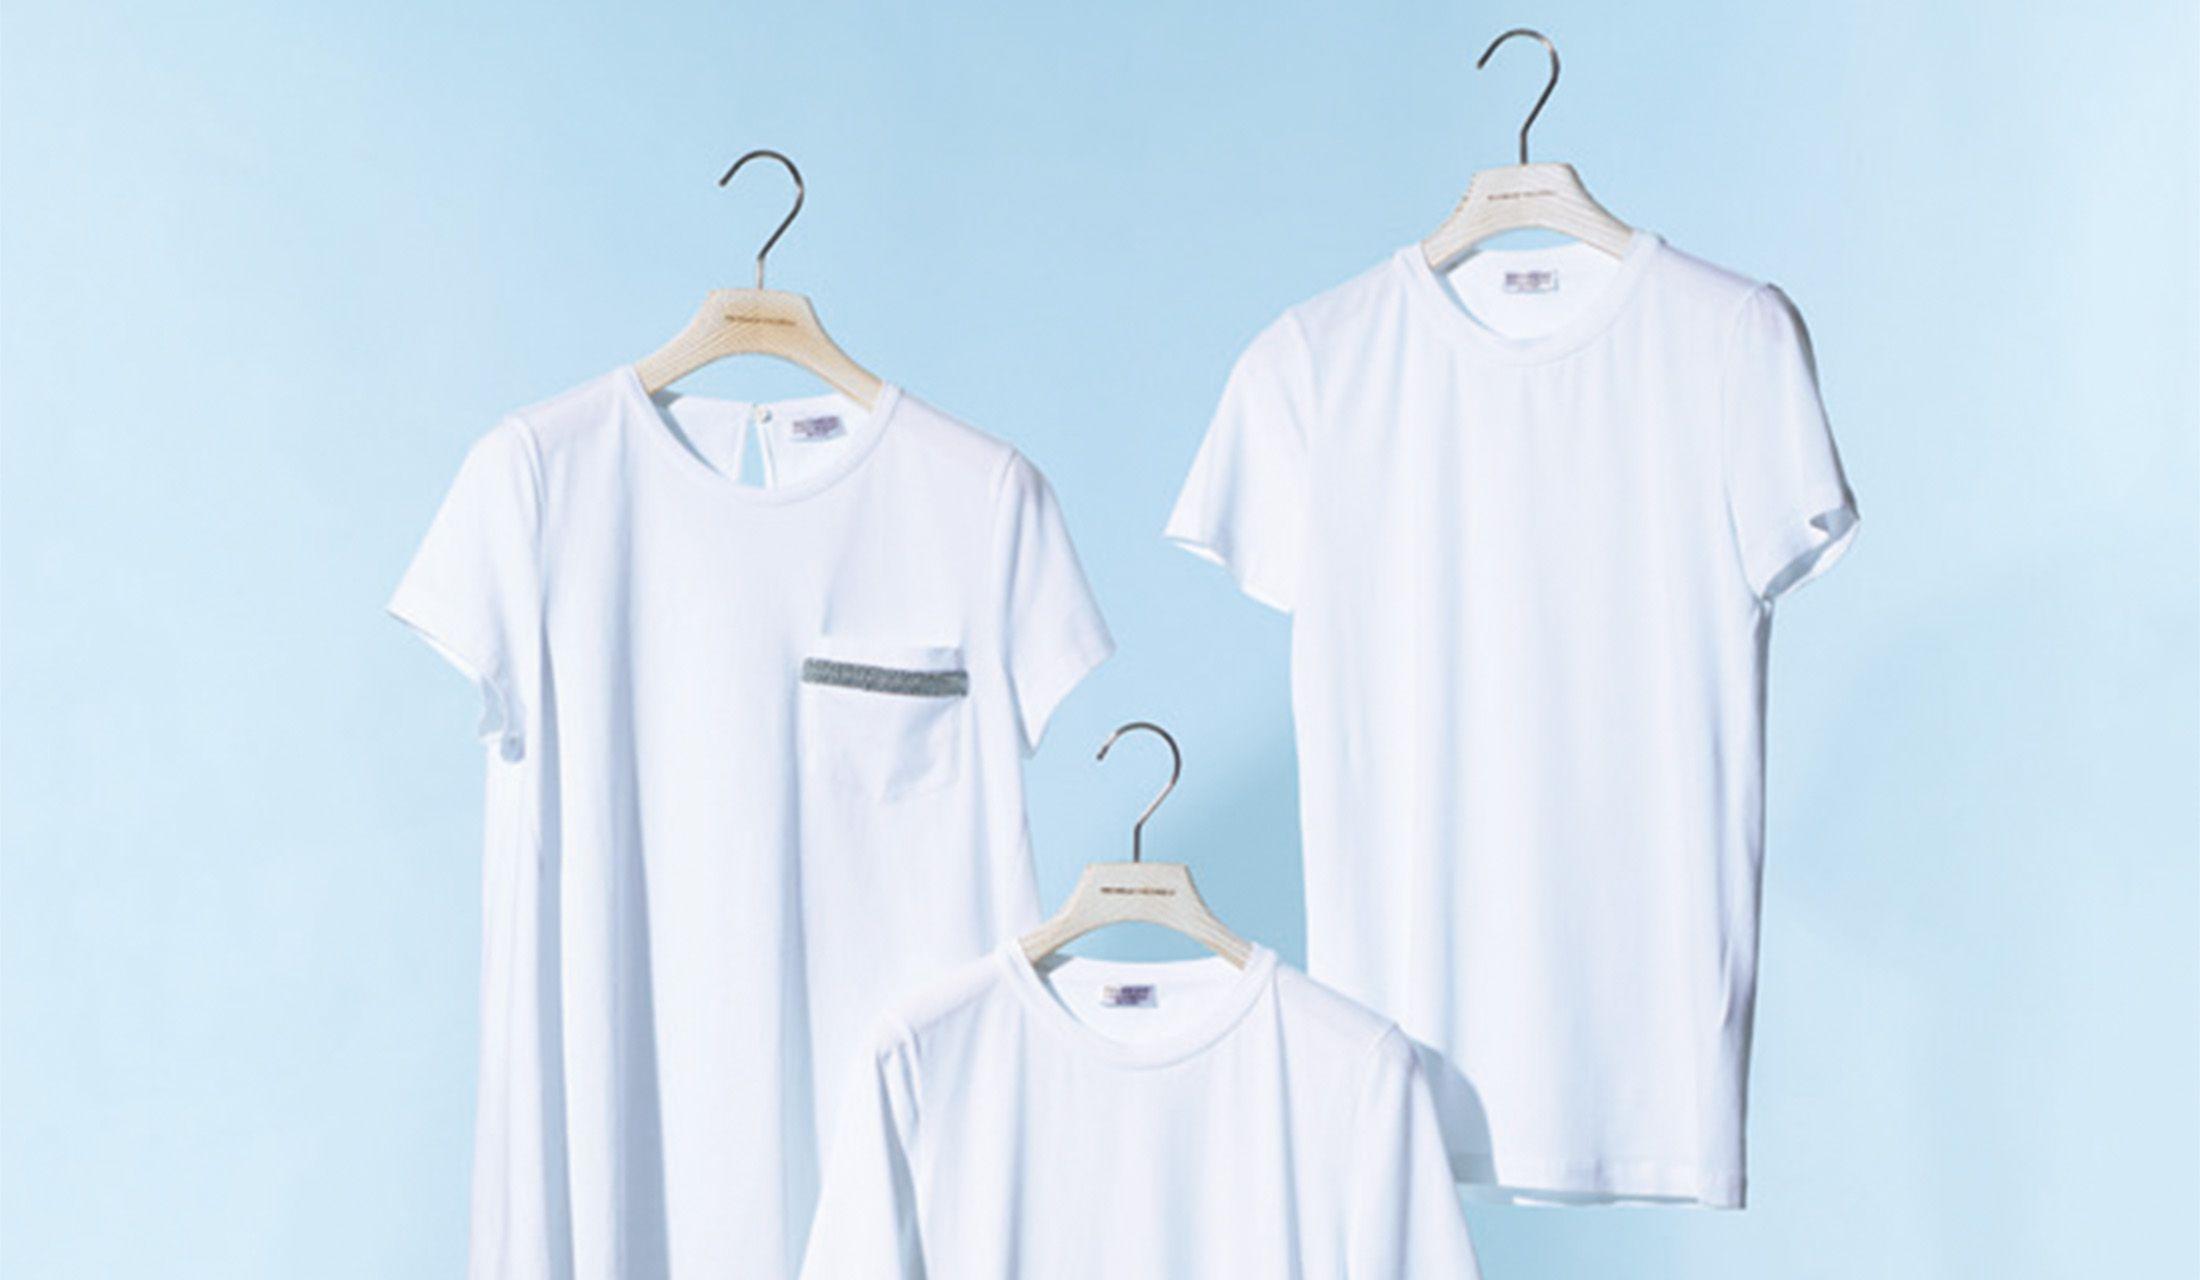 ブルネロクチネリの白Tシャツ3枚